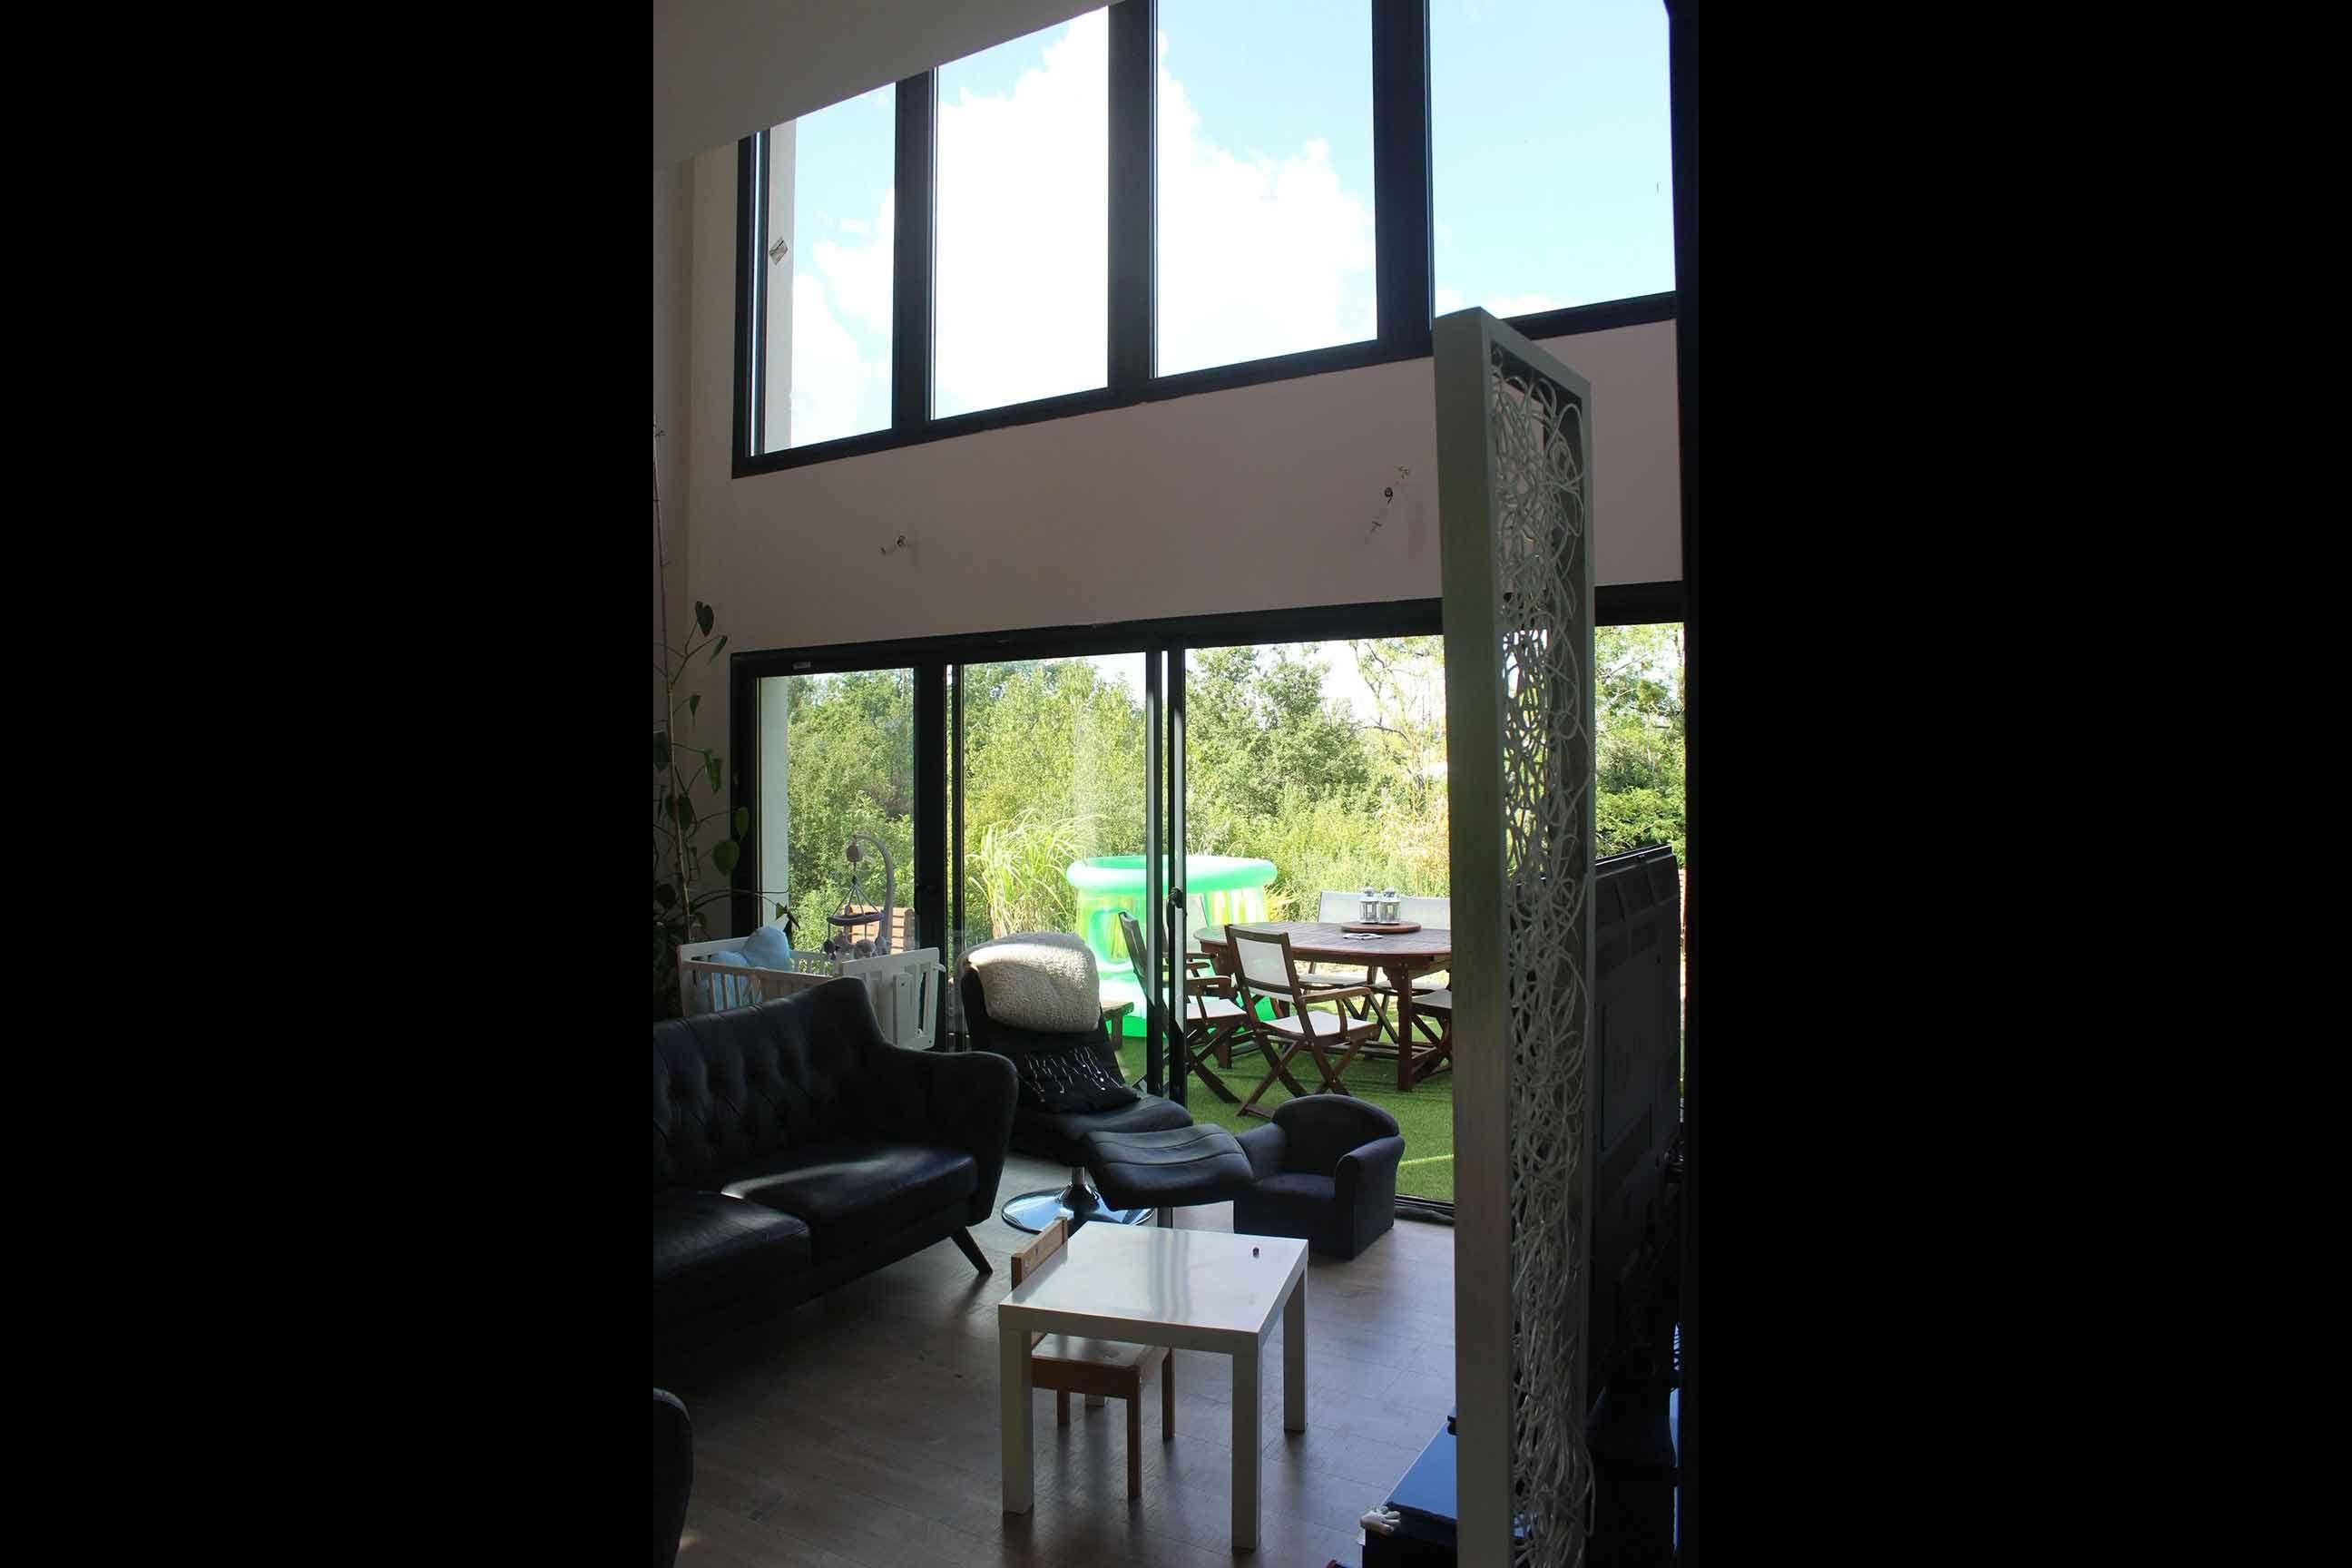 atelier d 39 architecture sc nario maison contemporaine toit monopente baie vitr e double. Black Bedroom Furniture Sets. Home Design Ideas